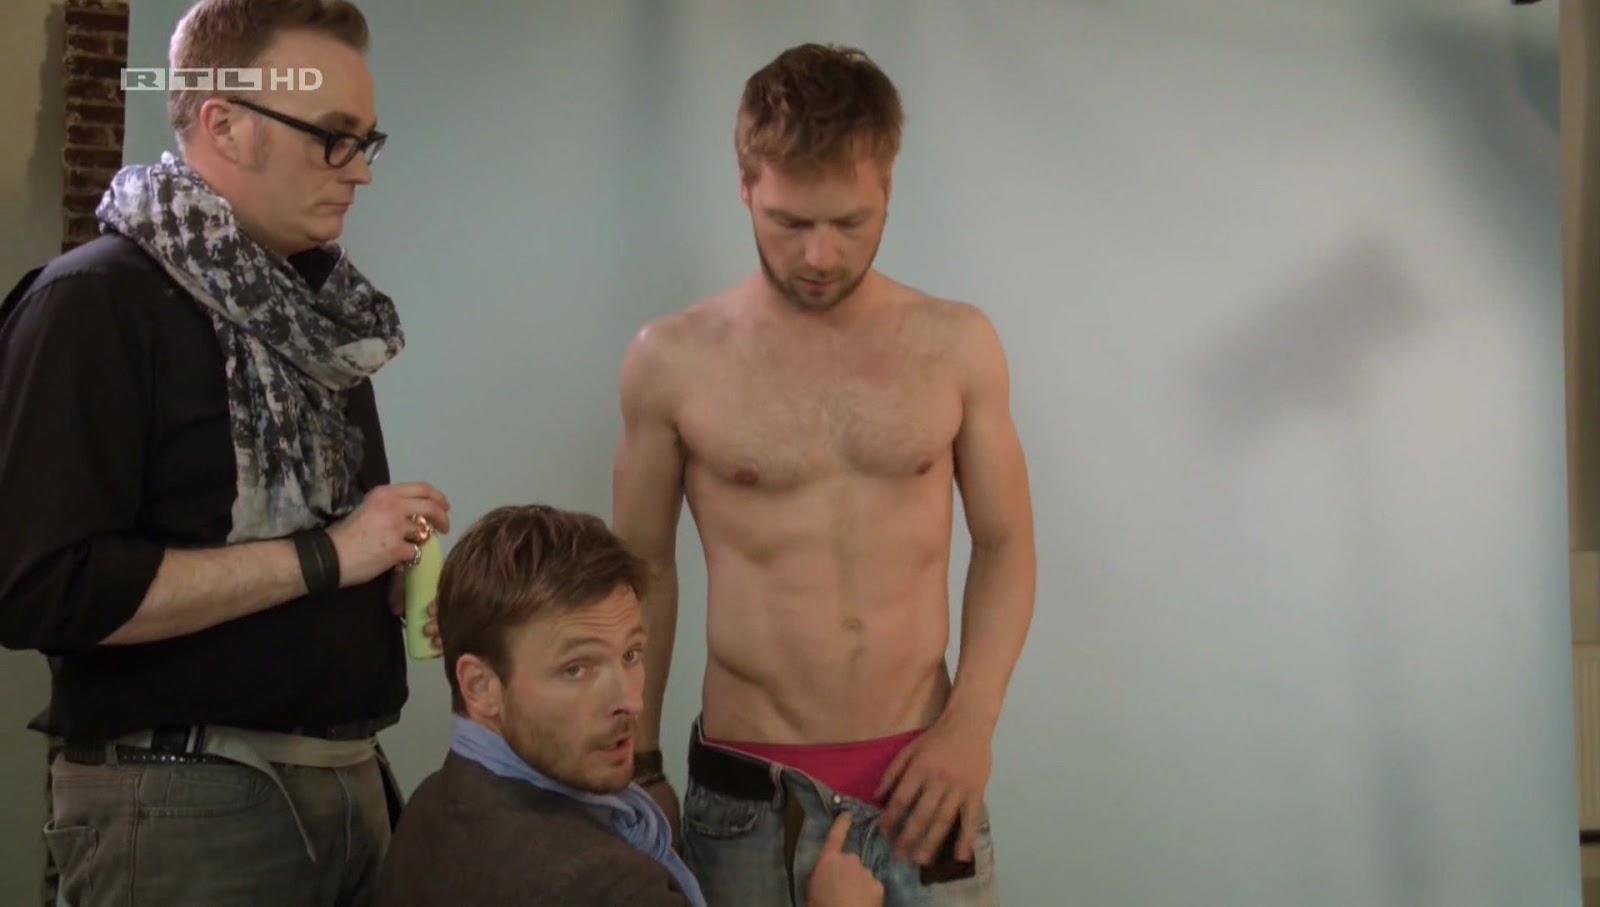 Shirtless Men On The Blog: Christoph Letkowski Shirtless